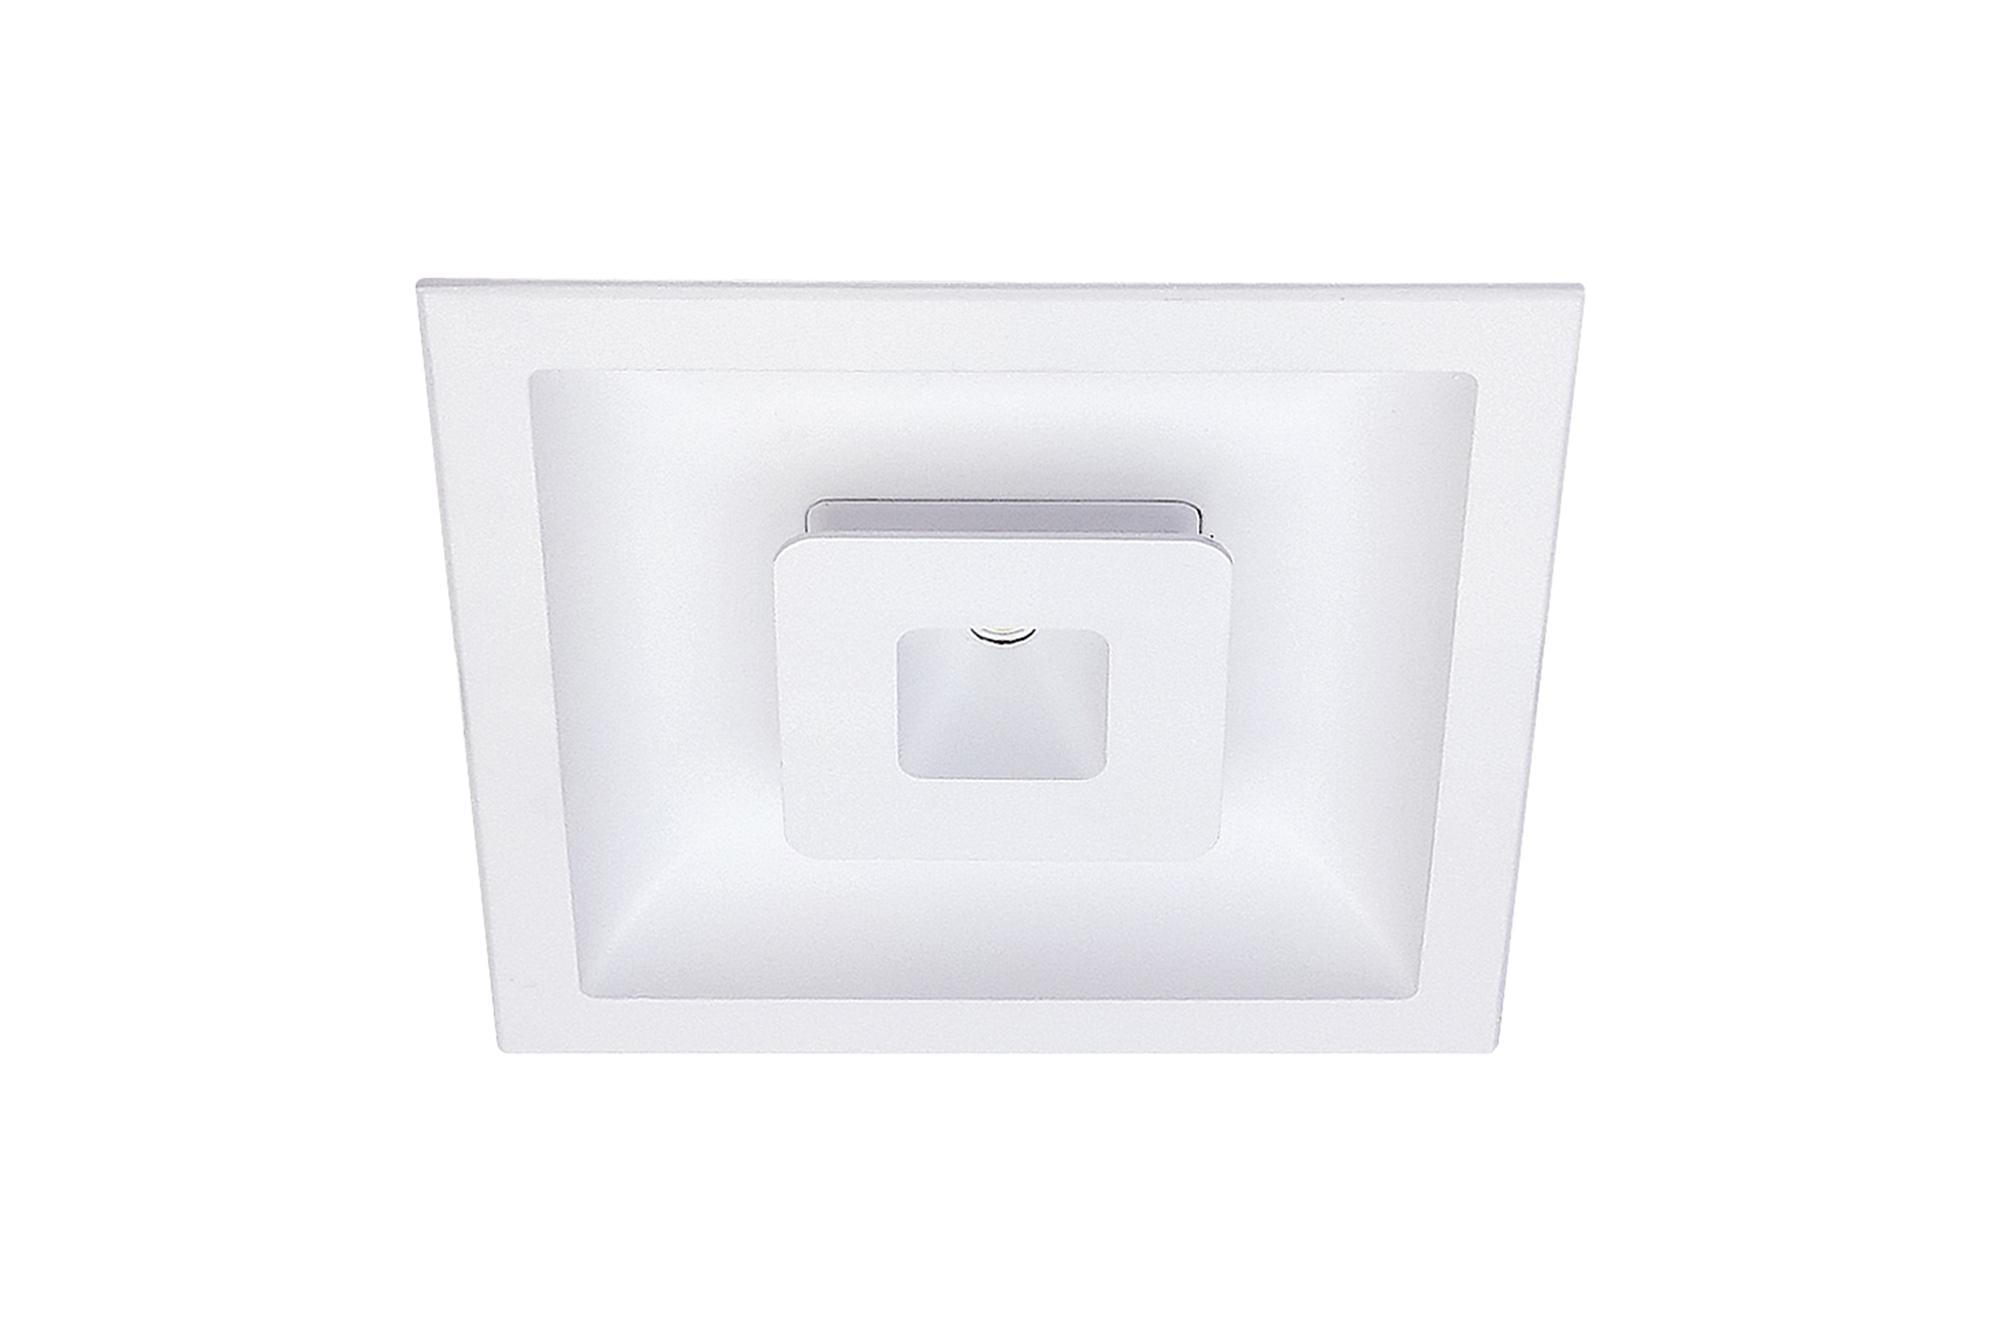 Lampenlux LED Einbaustrahler Sondor Spot eckig weiß inkl Trafo direkte und indirekte Beleuchtung Aluminium